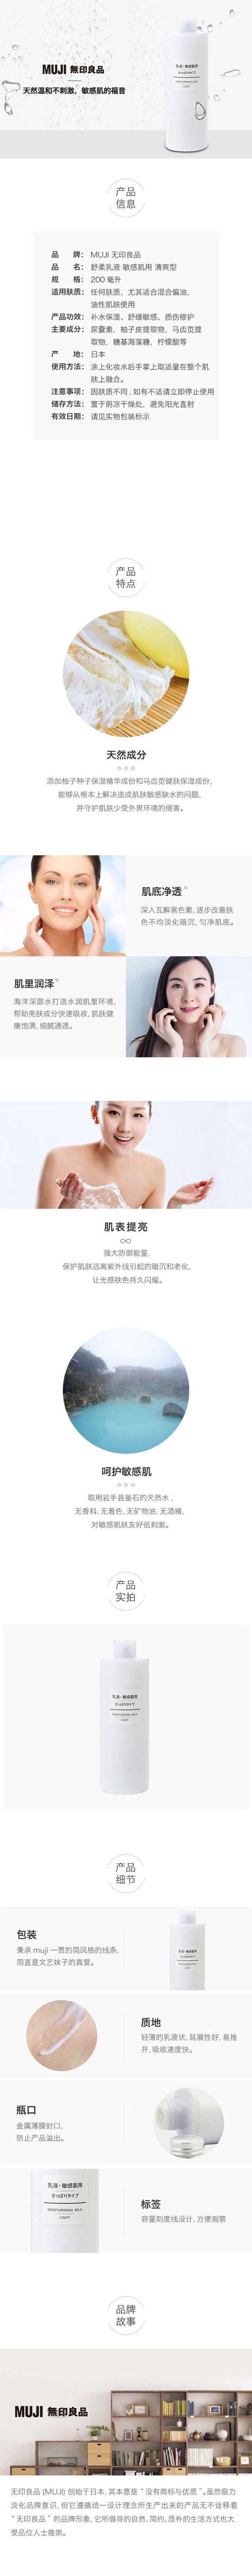 images/1/2018/06/JaLZaa2H1u64H66l8ClZ6xQhcLLhl4.jpg